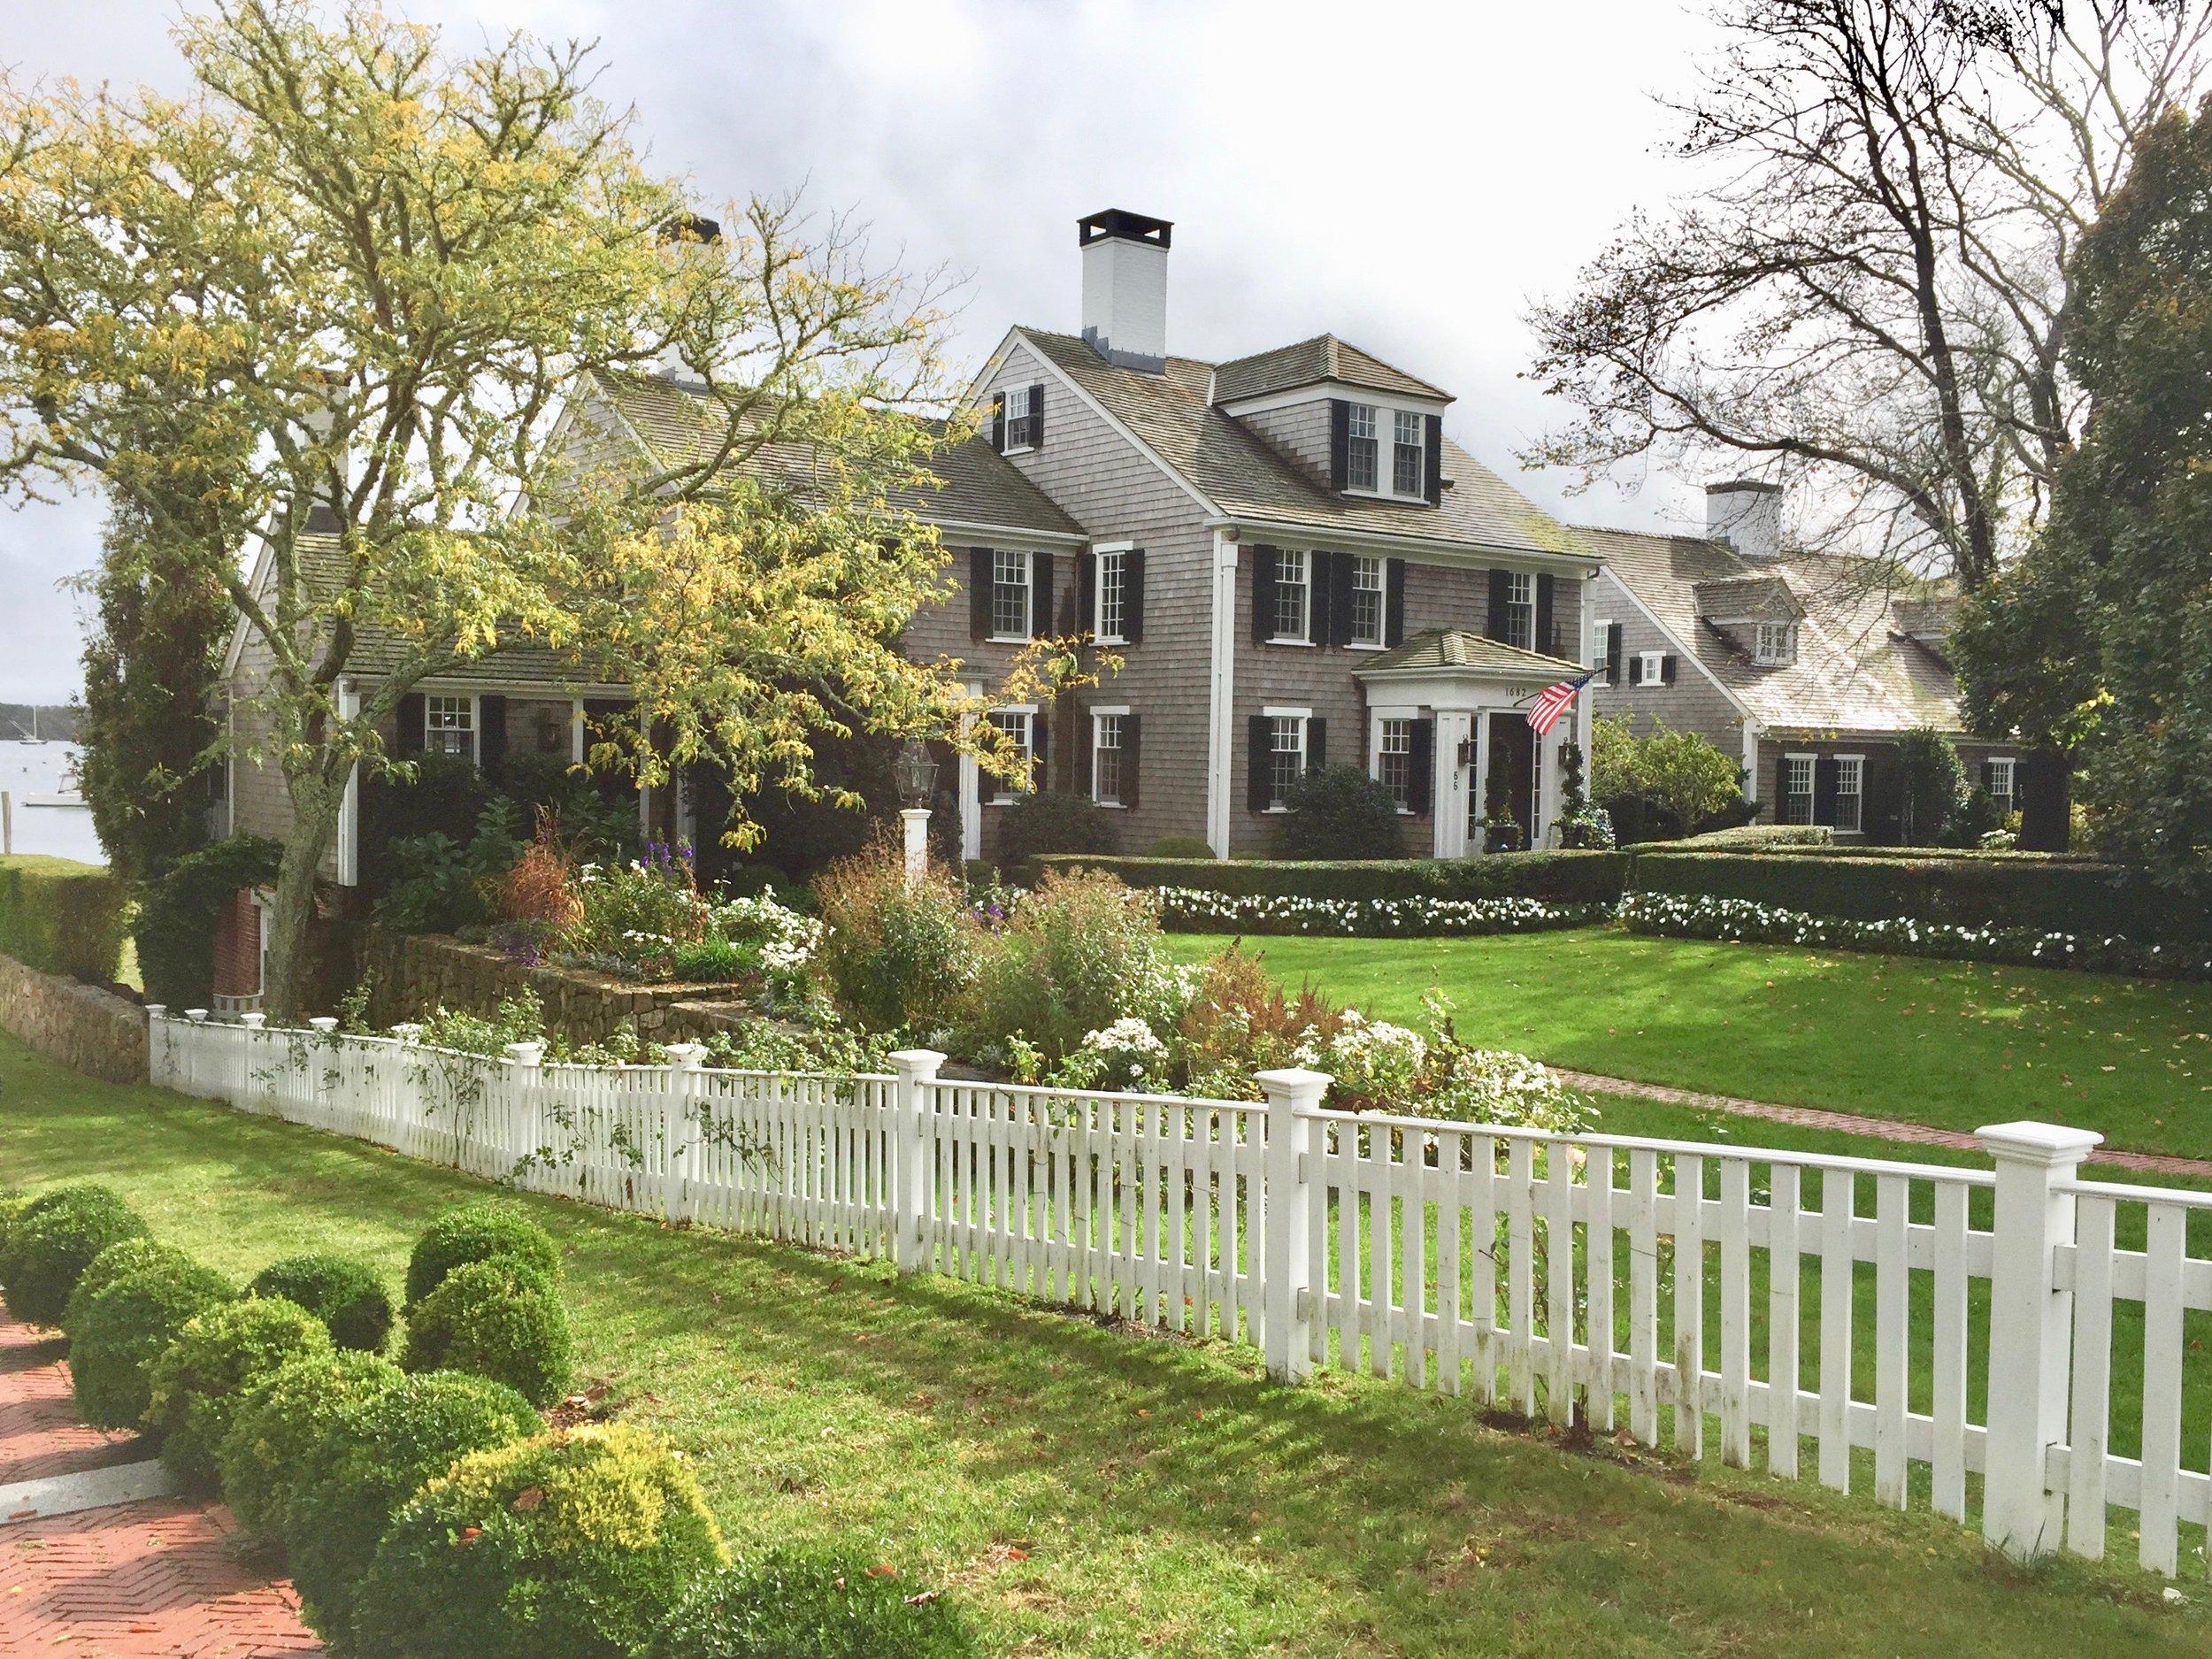 John Coffin Historic Home Edgartown New England Fine Living .jpg